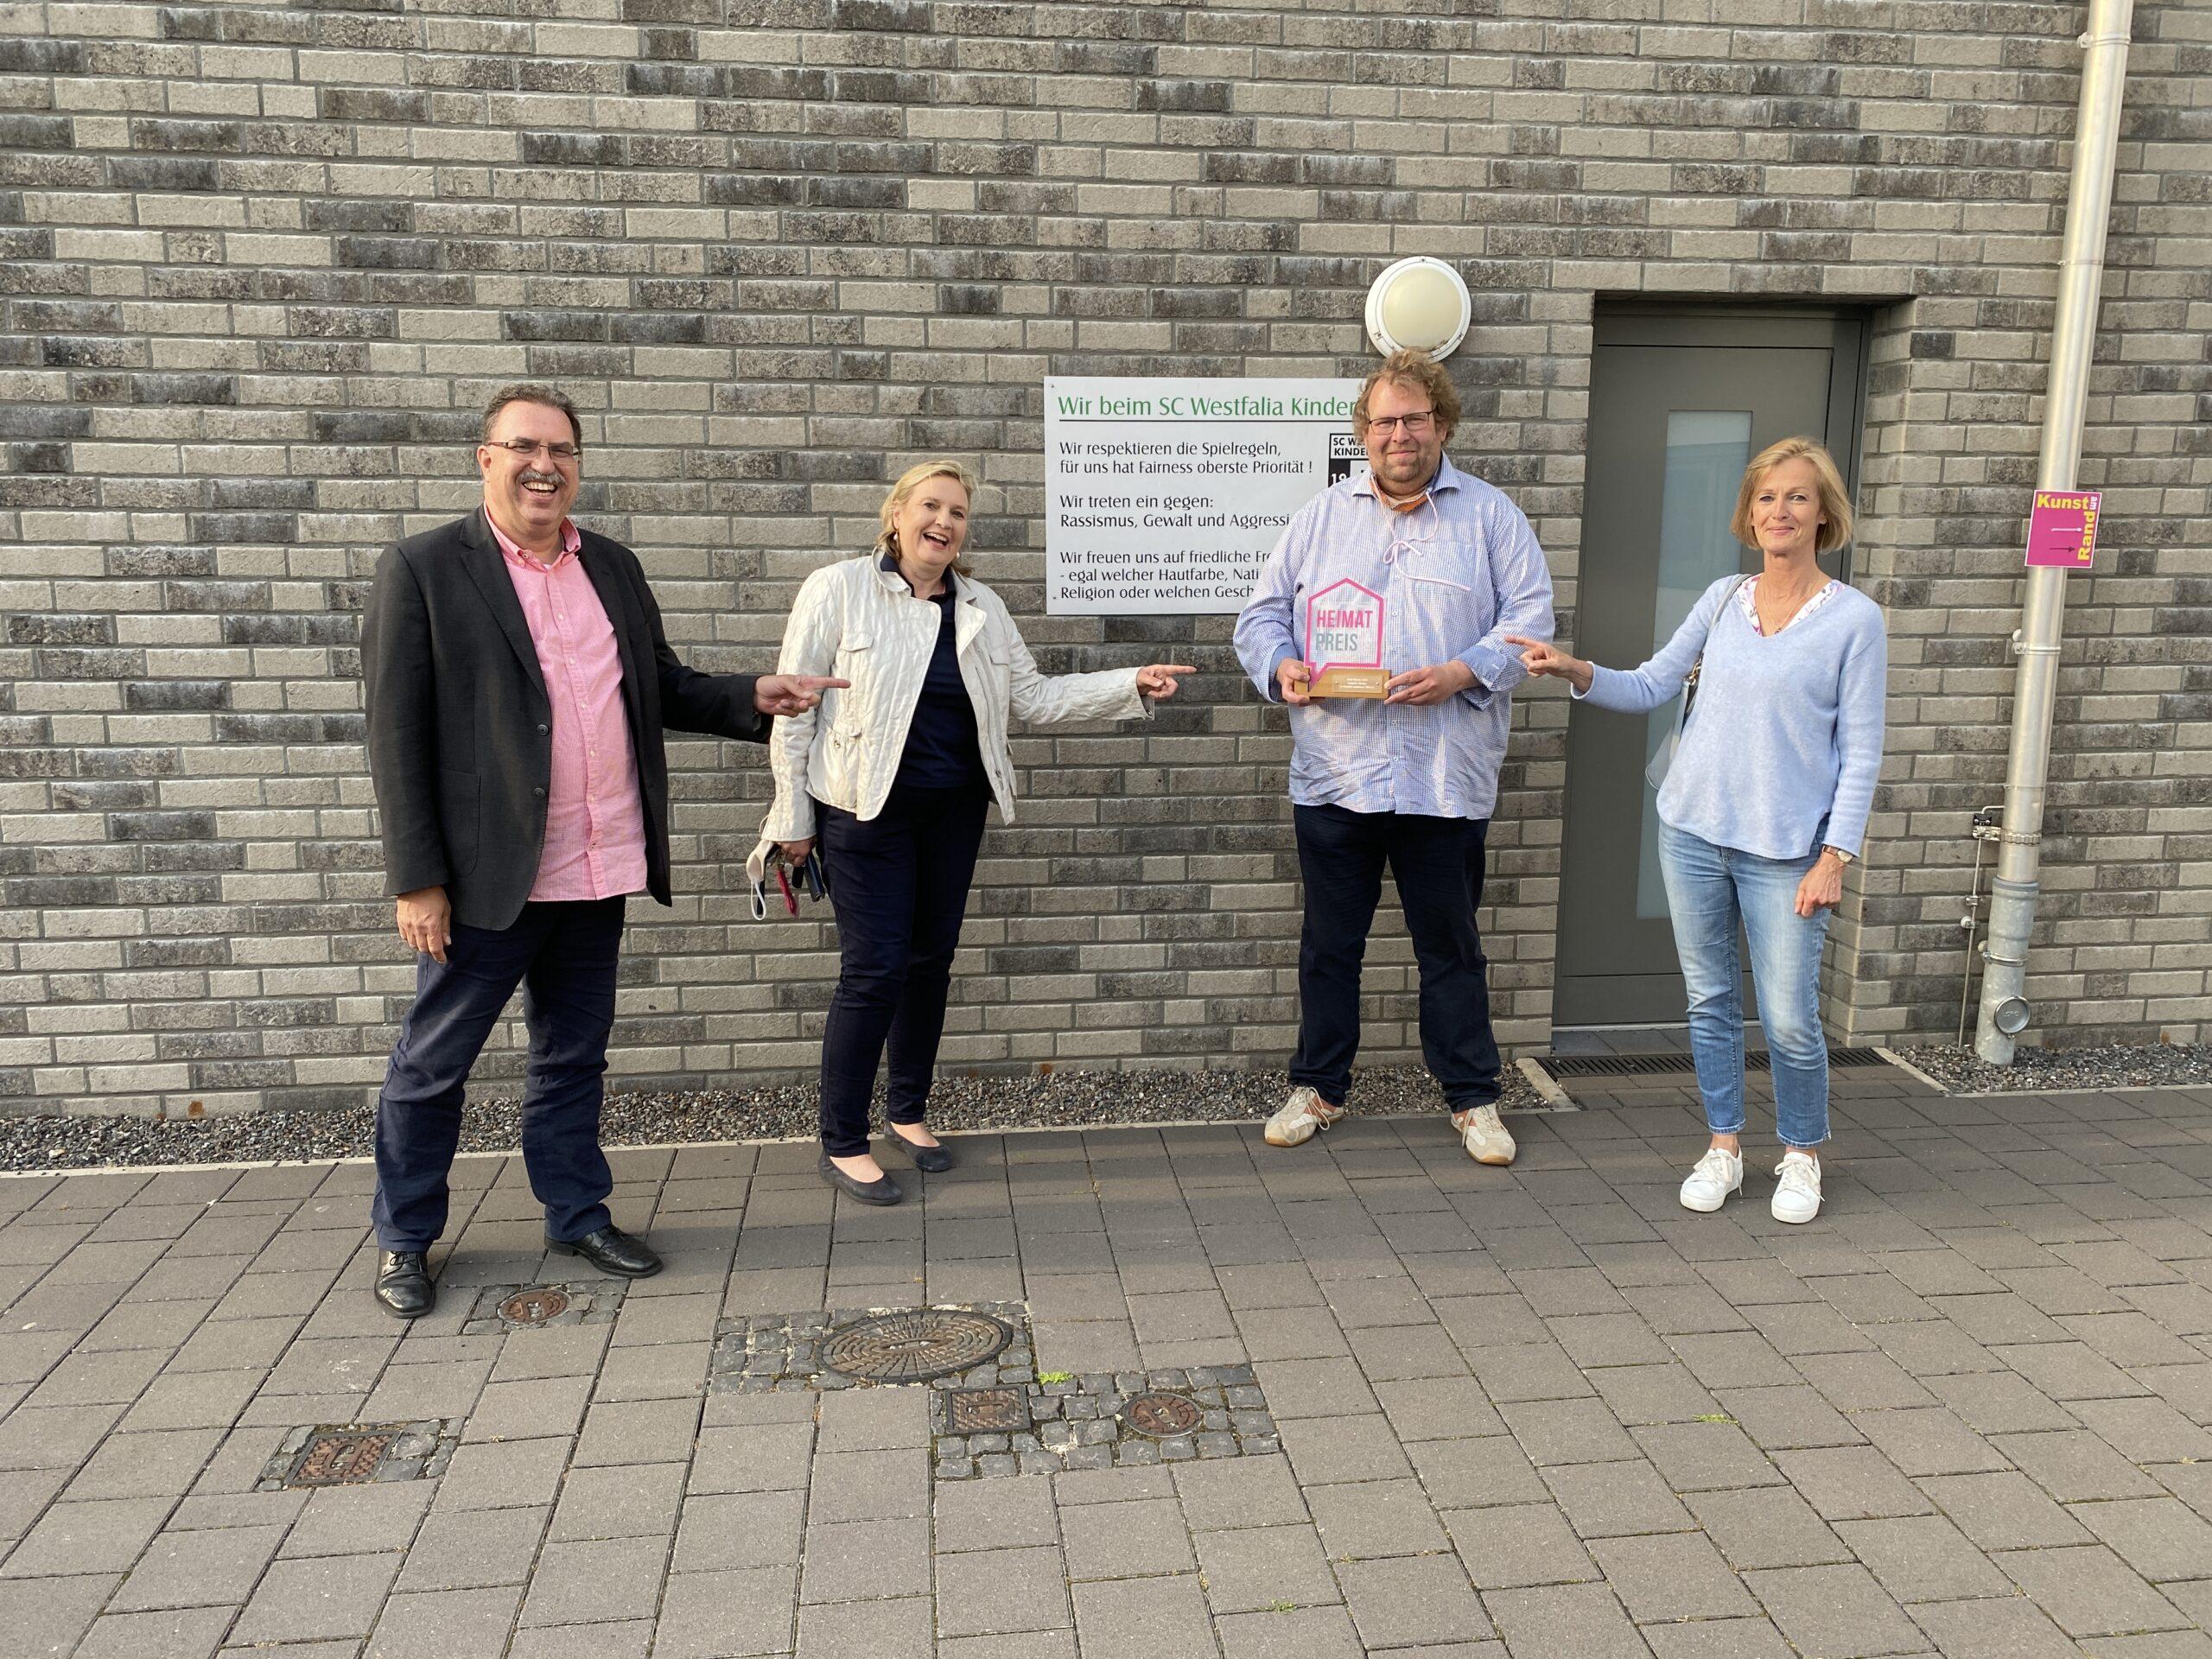 Foto: Ratsherr Olaf Bloch, Landtagsabgeordnete Simone Wendland, Westfalias Vositzender Magnus Hömberg und Ratskandidatin Babette Lichtenstein van Lengerich.